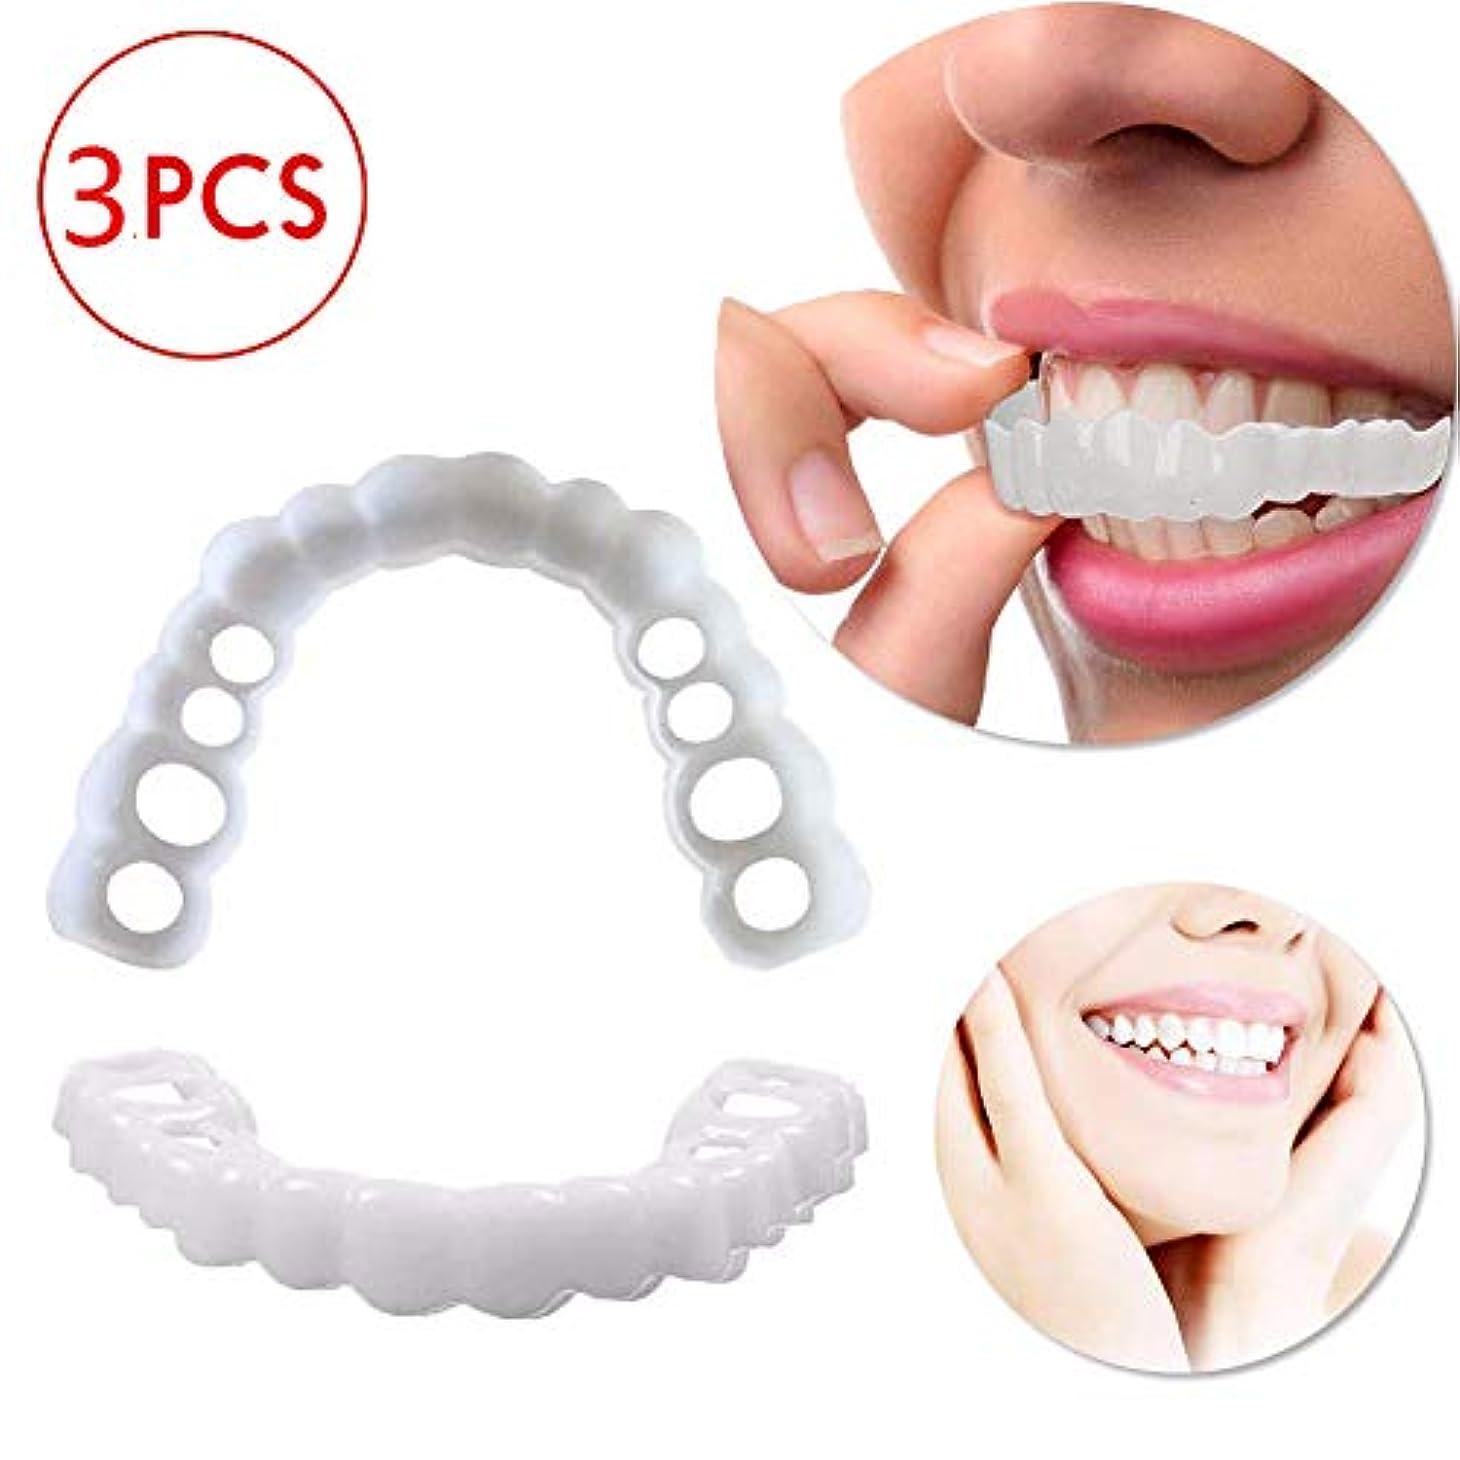 ほとんどの場合バトルより良い3ピース一時的な歯ベニヤブレース歯化粧品ホワイトニング義歯偽歯カバー収納ボックス付き,3pcslowerteeth